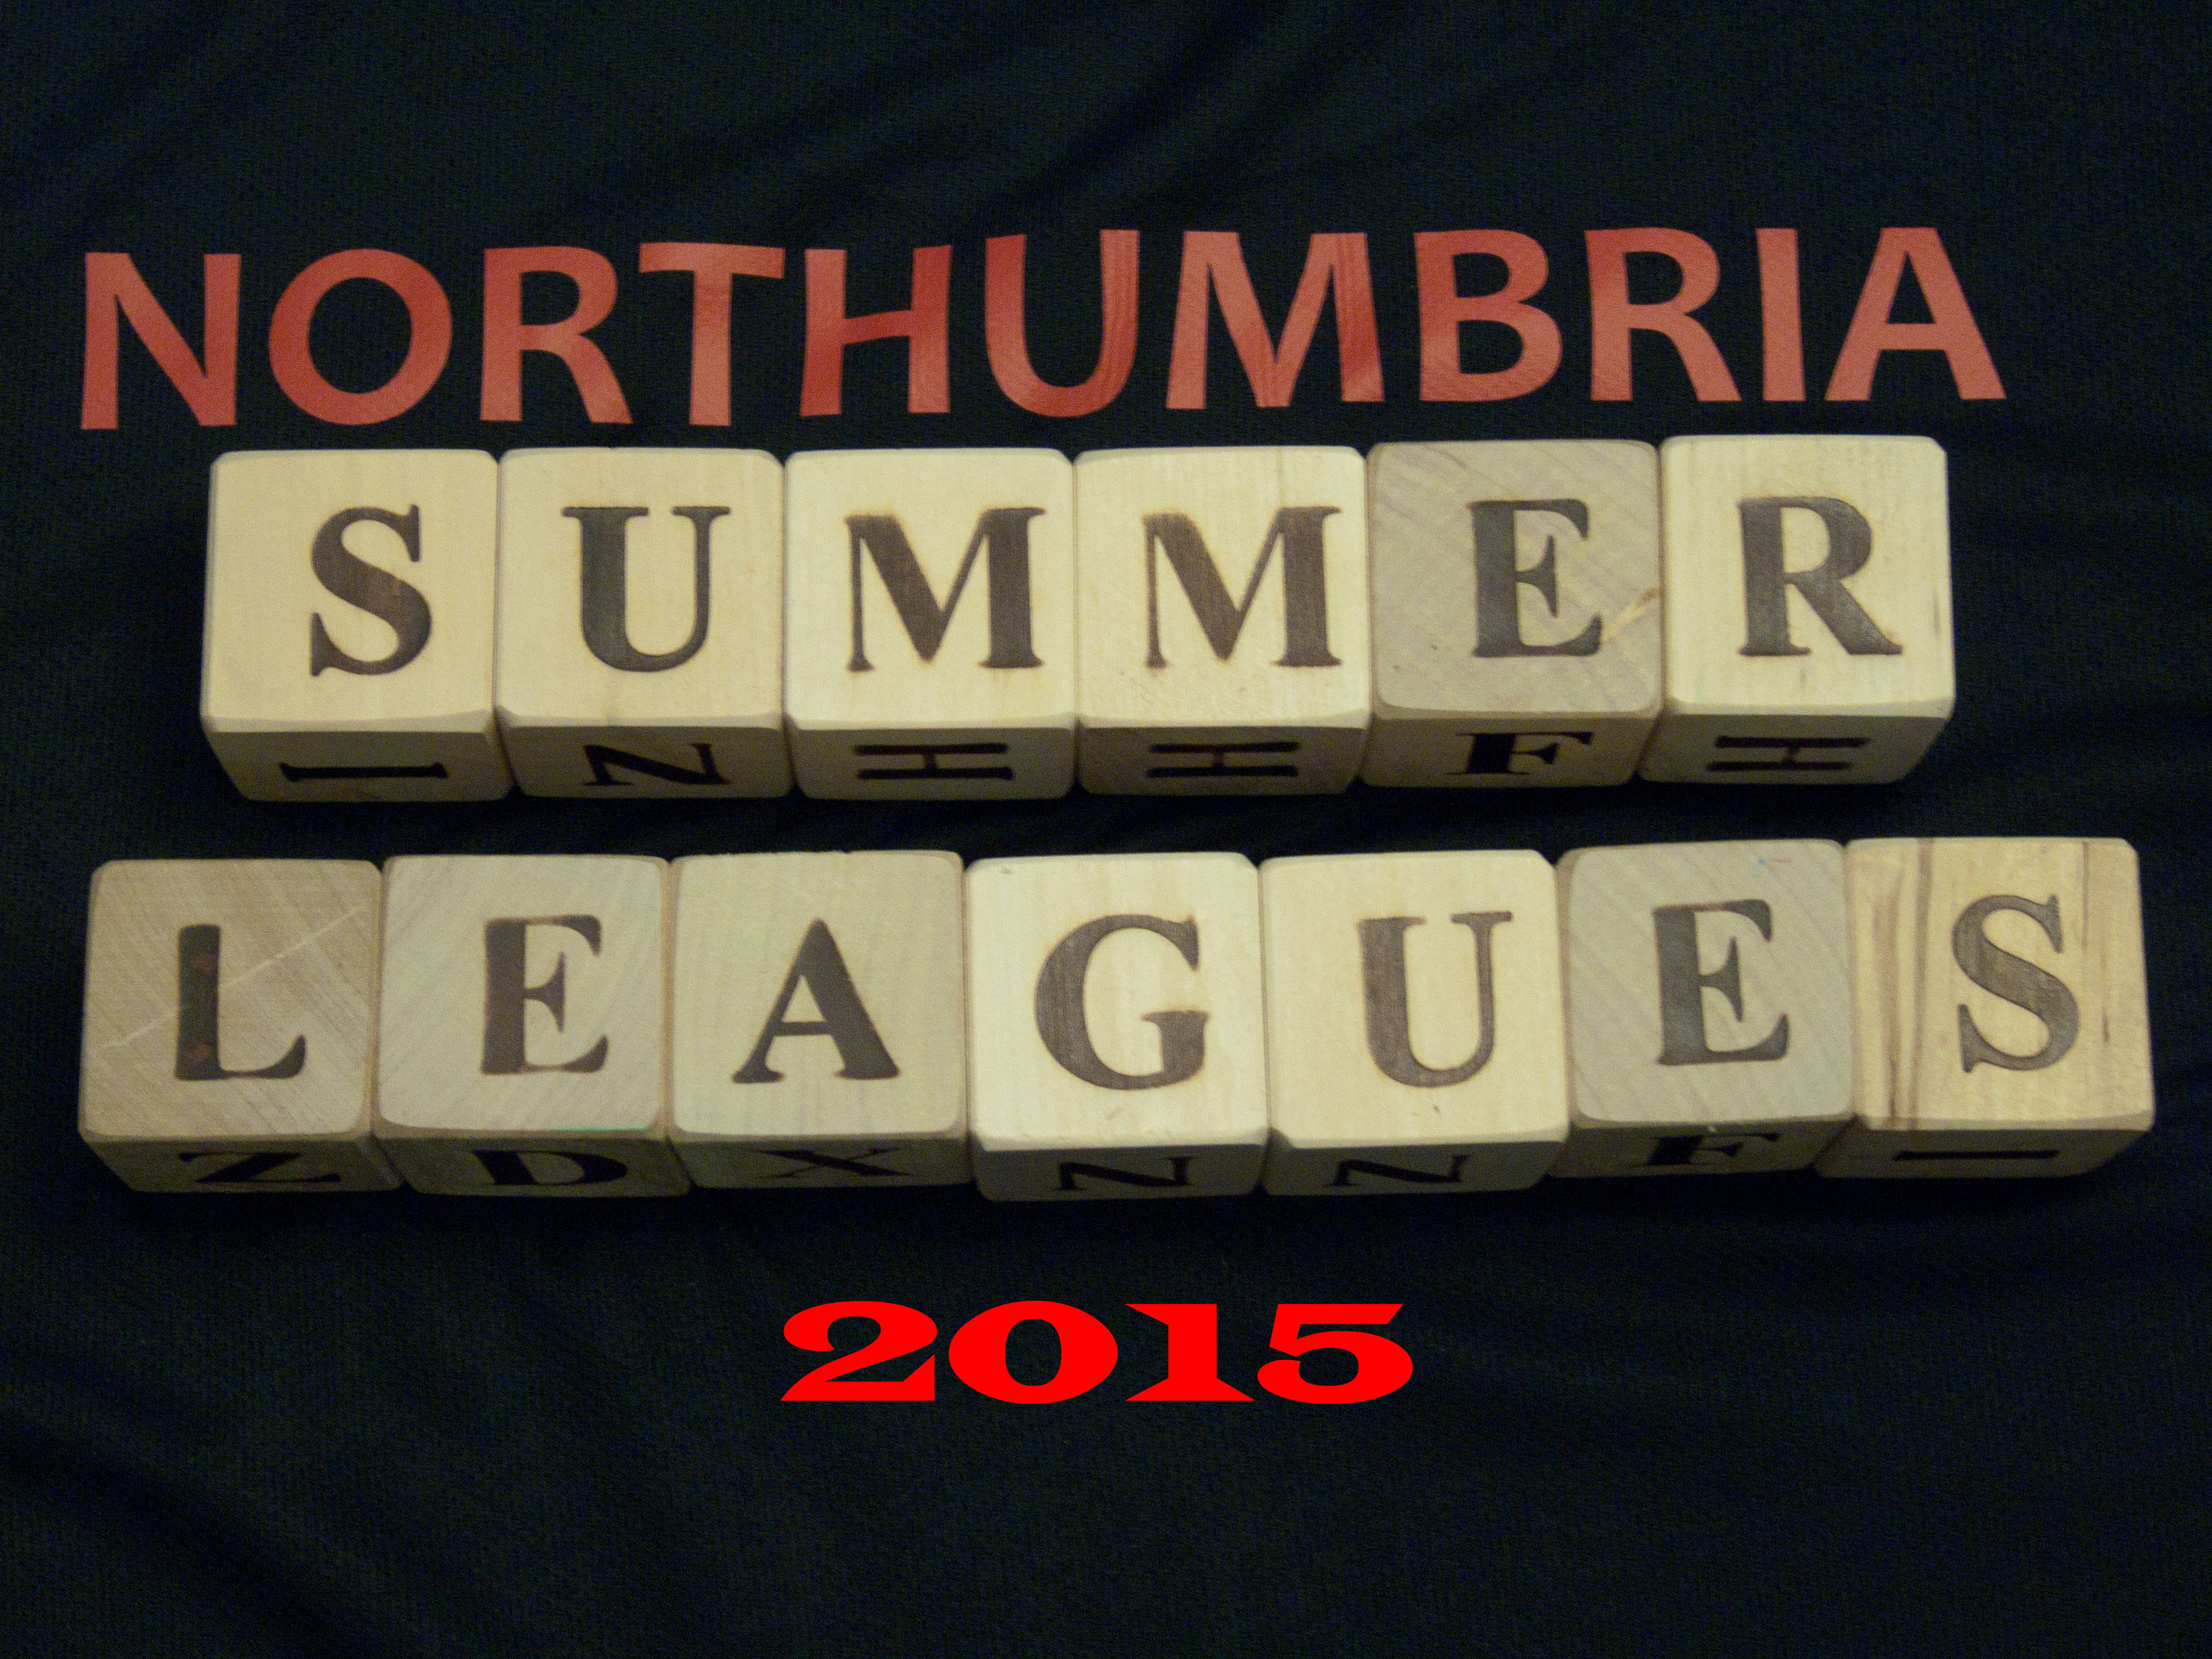 Northumbria Summer Leagues 2015